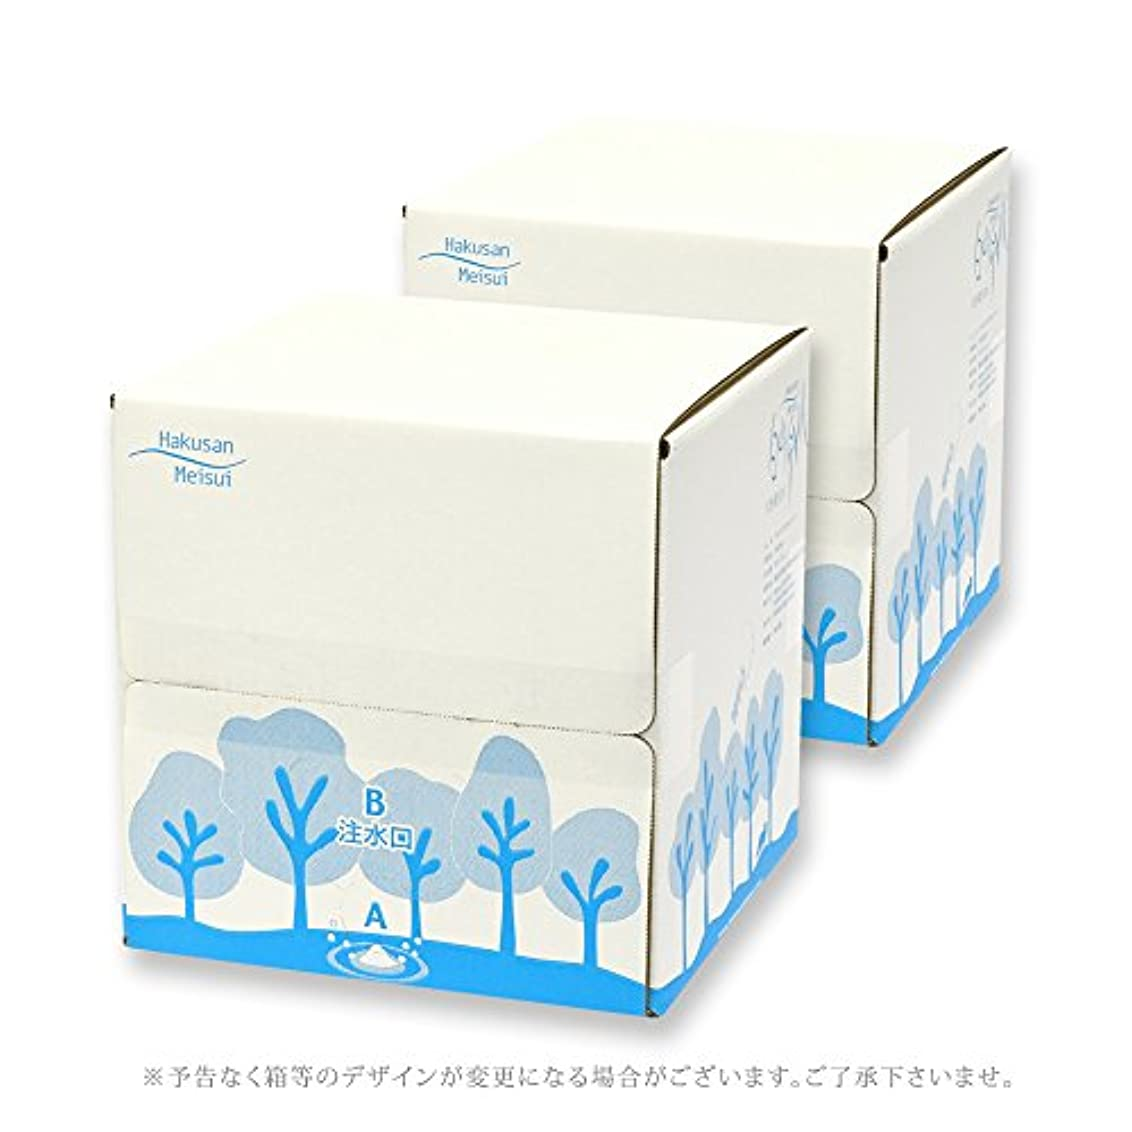 一元化するすみませんケーブルカー[2CS] 白山命水 BIBOX 10L×2箱